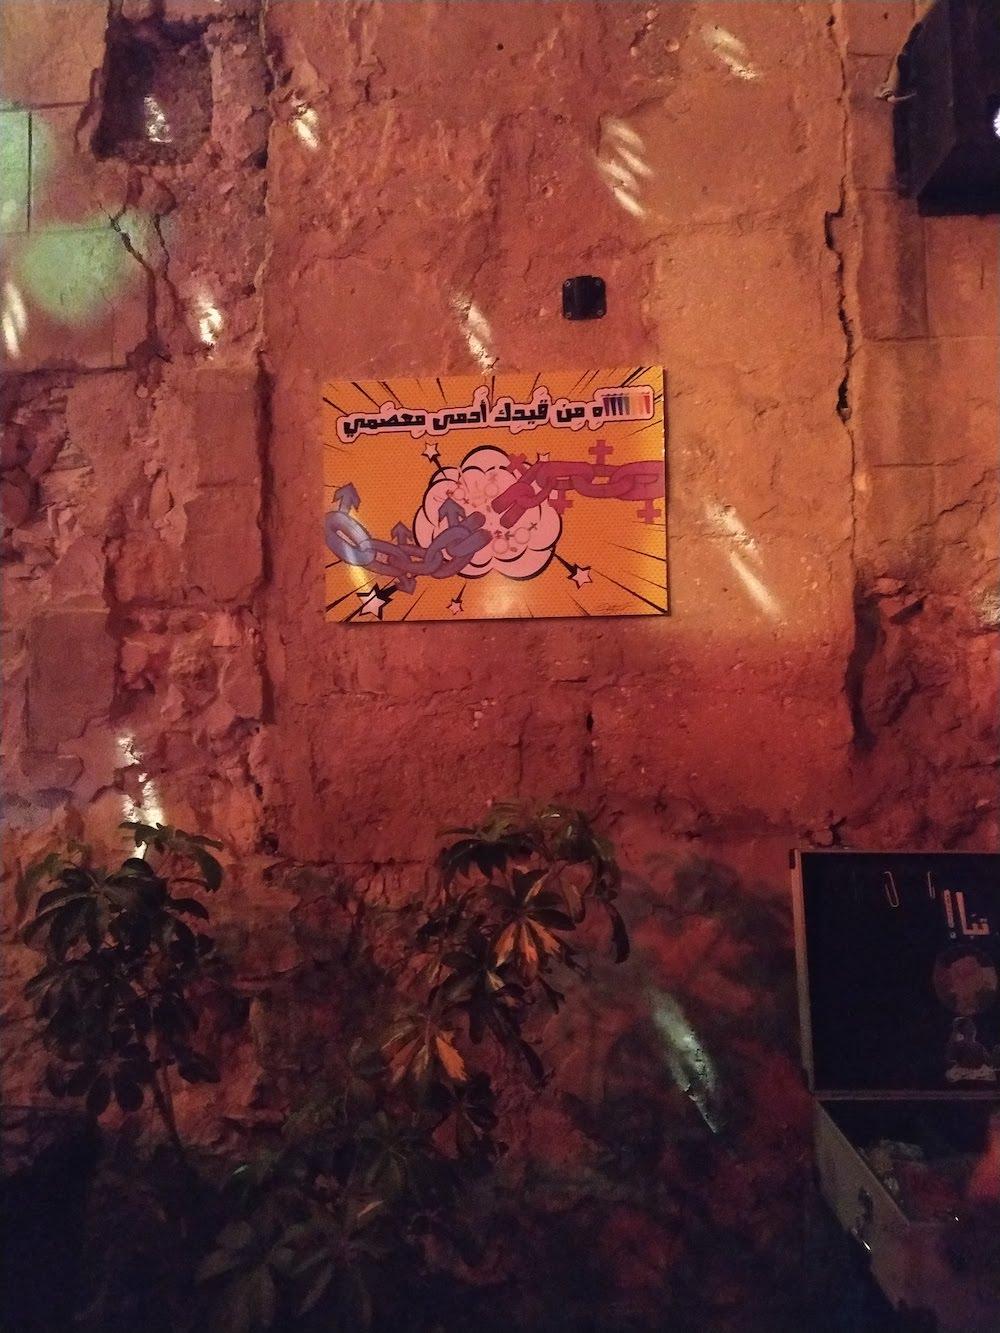 Aswat queer feminst hub wall.jpg